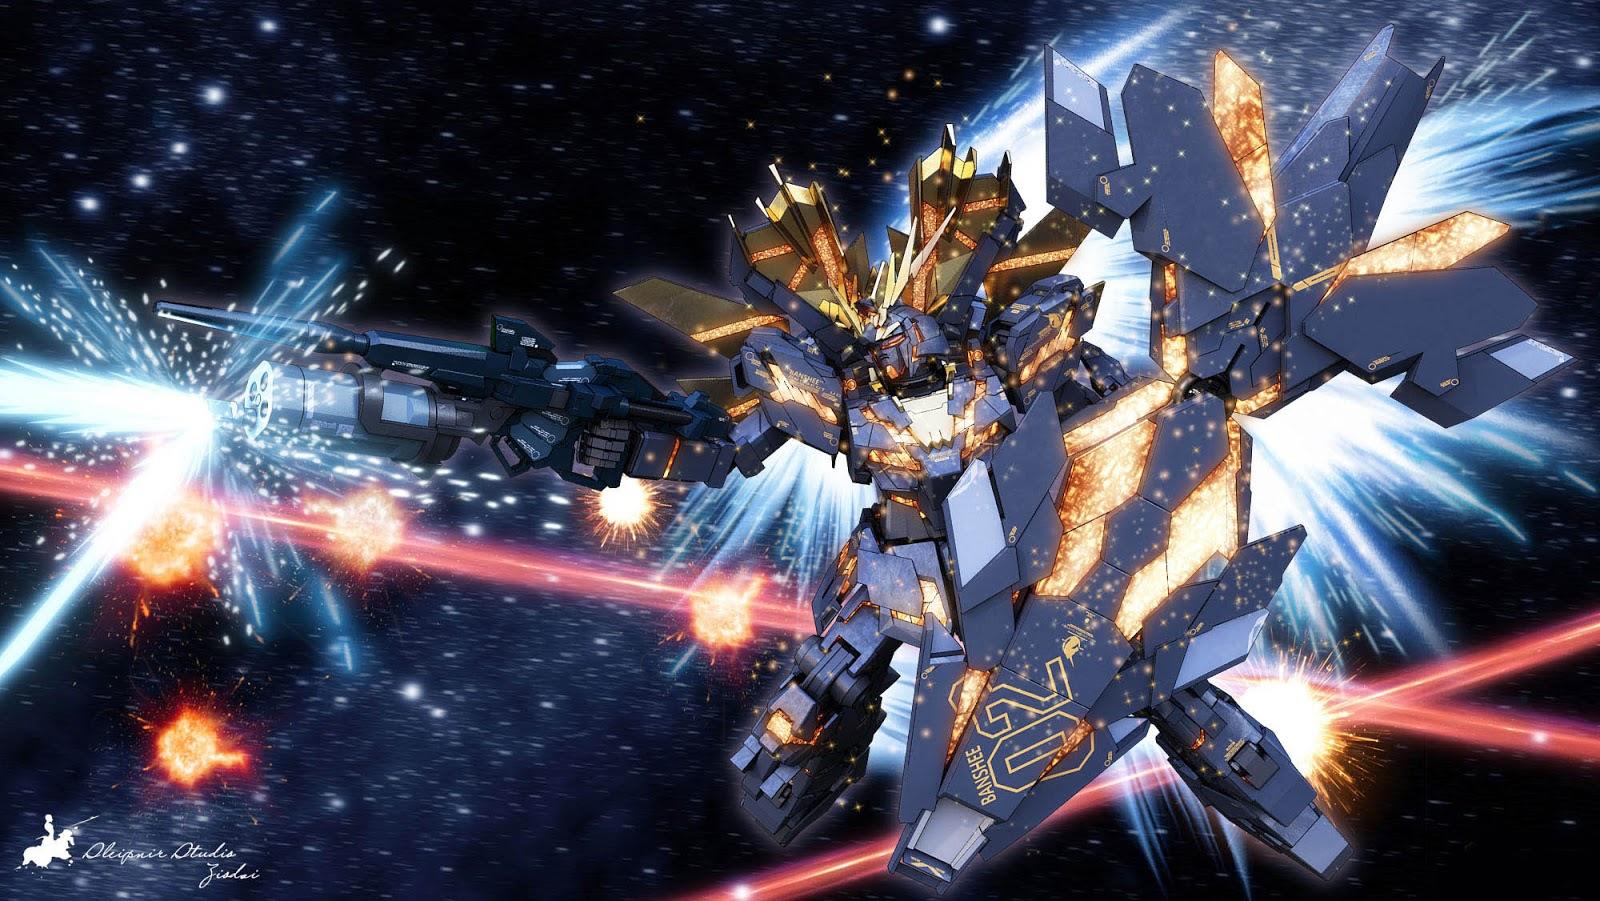 Gundam Banshee Wallpapers For Android Gundam Banshee Norn